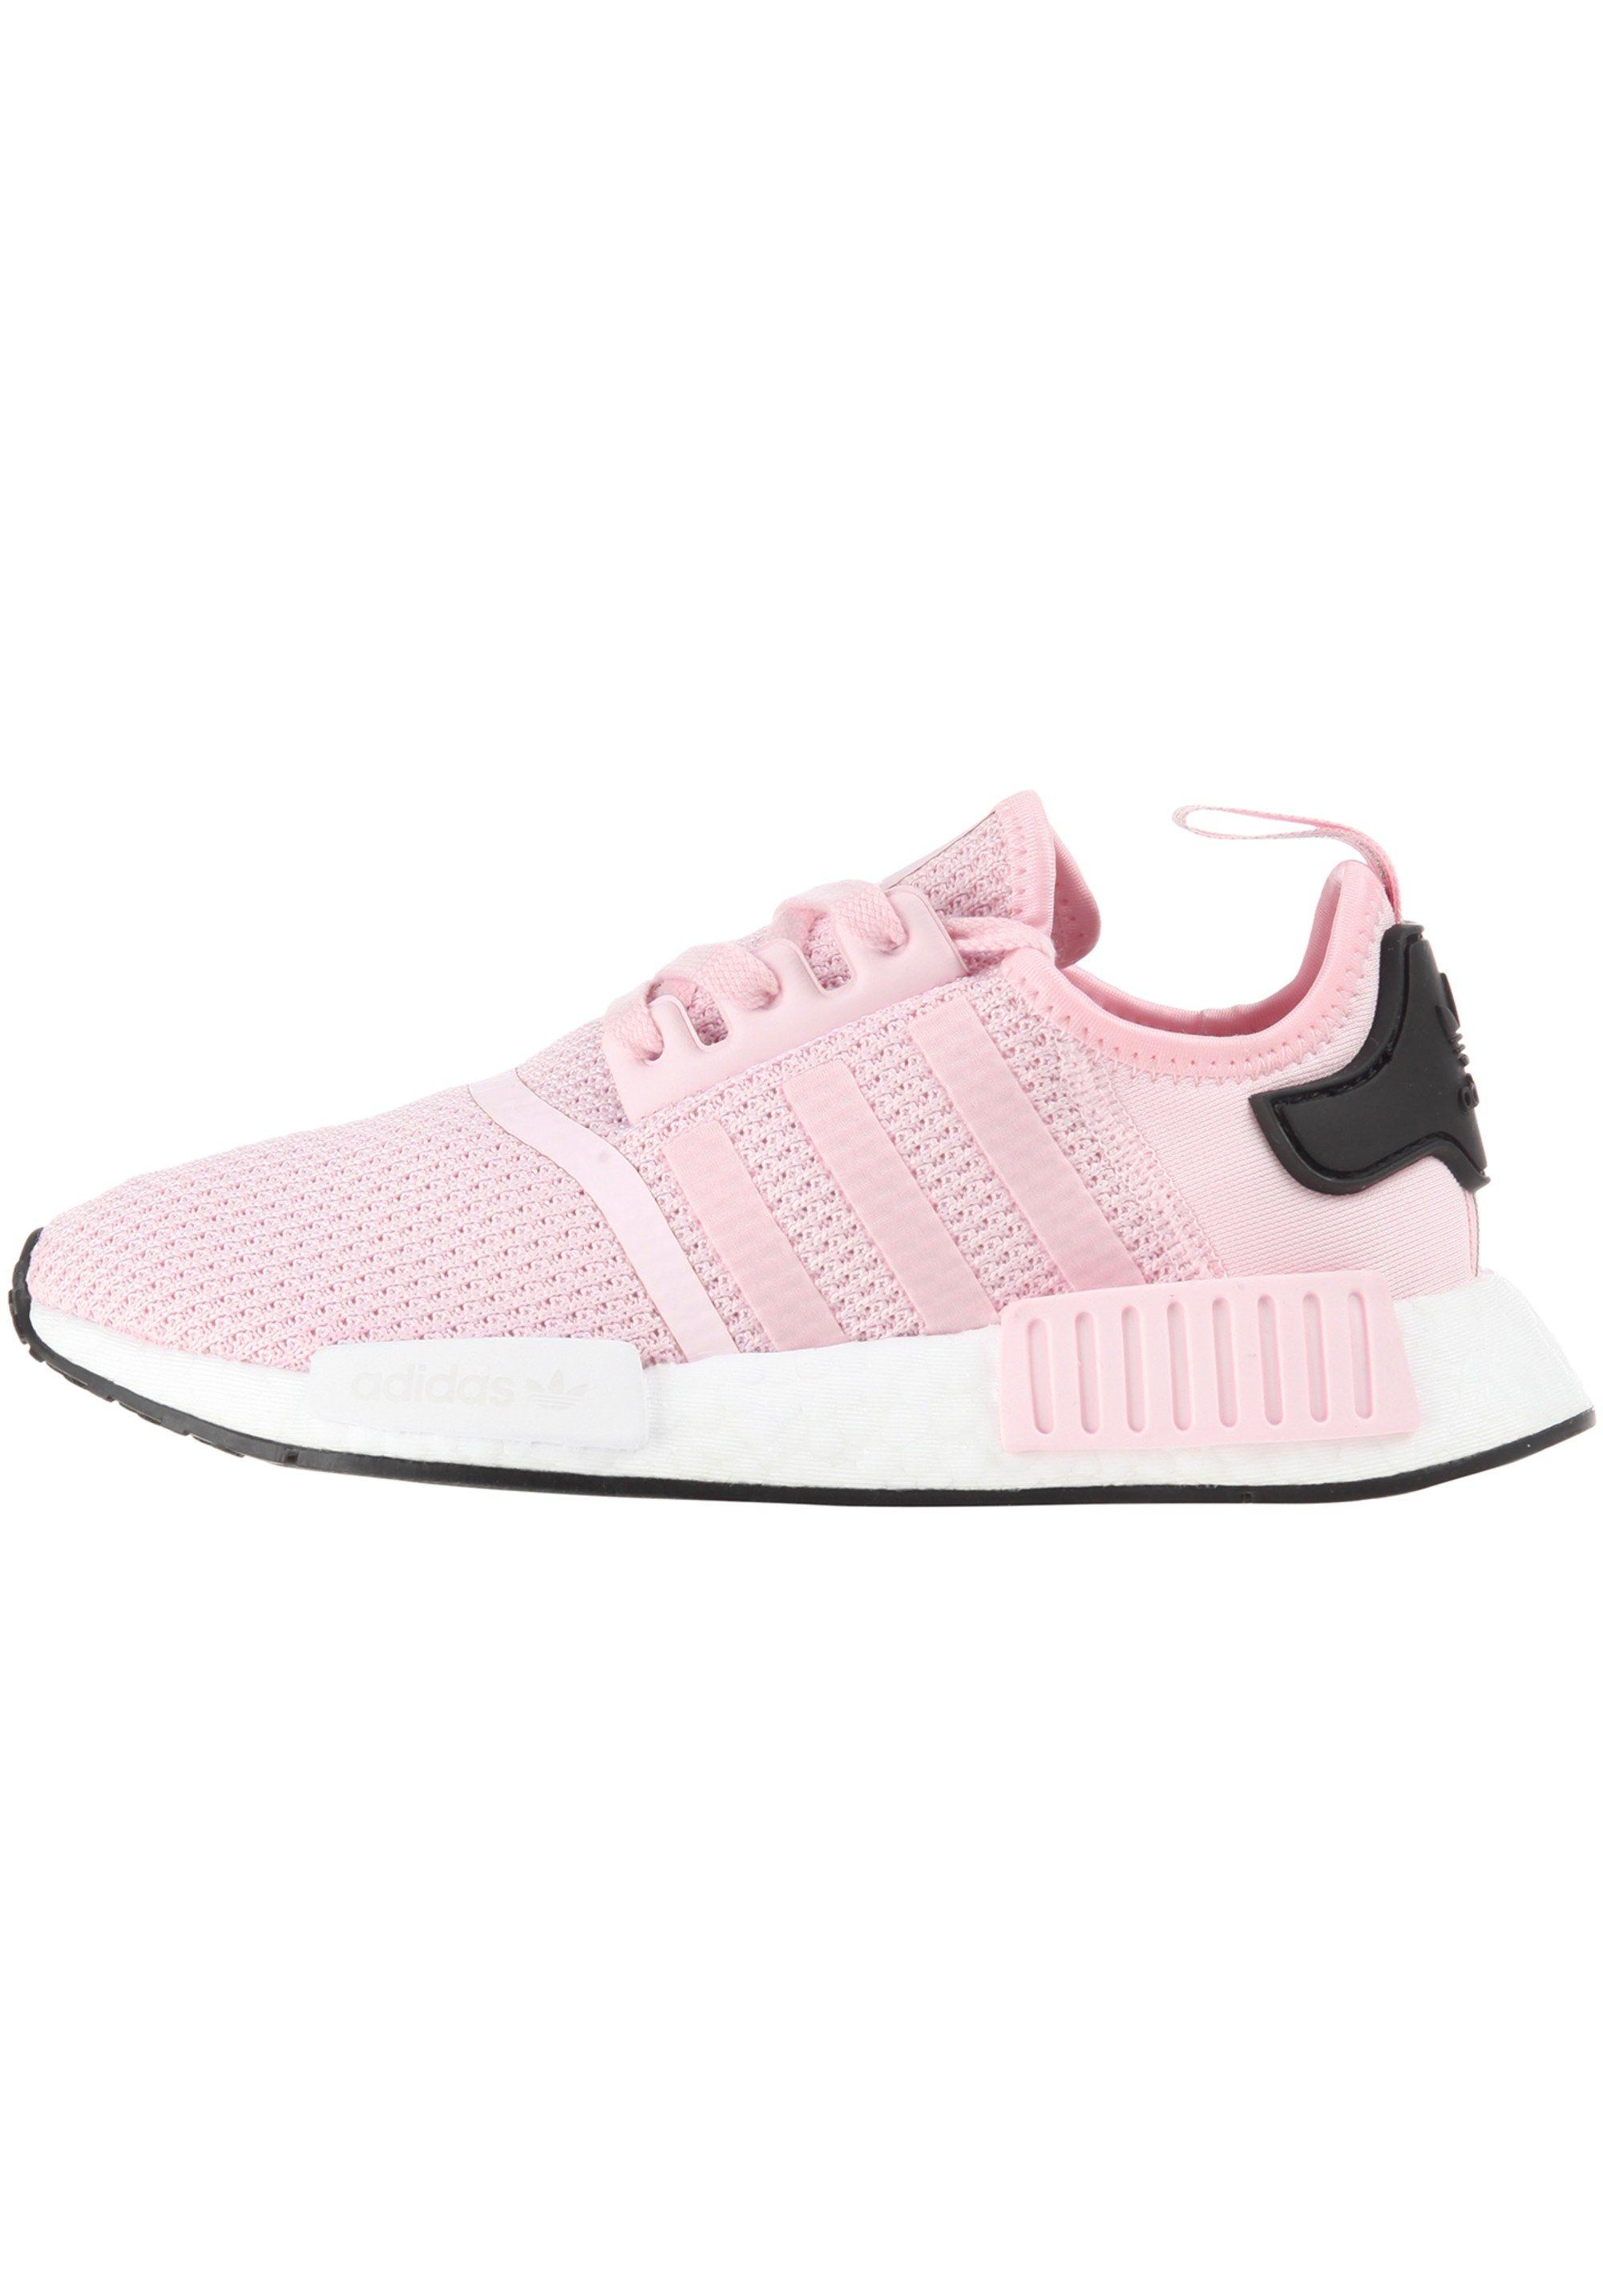 202d3ddea4e2cd Nmd r1 Adidas Damen Schwarz Rosa Sneaker Originals Weiß Ewt7nzqpP7